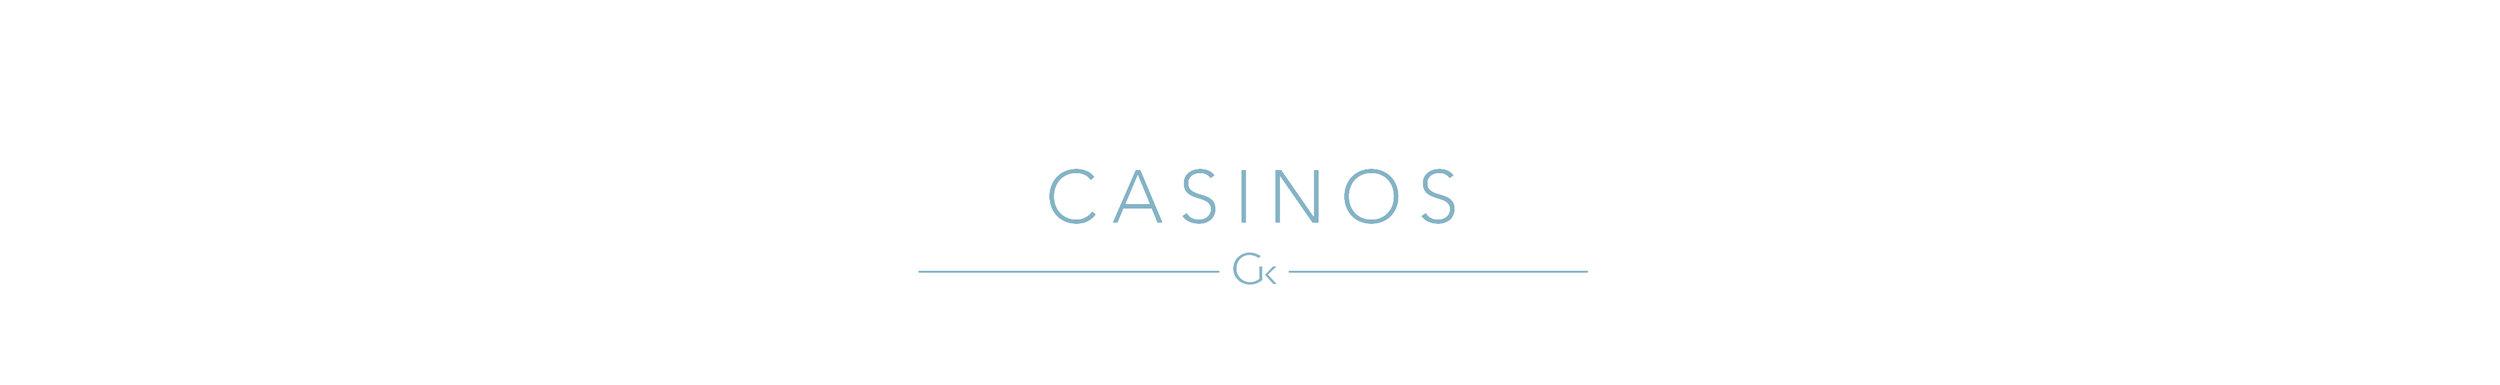 CASINOS.jpg